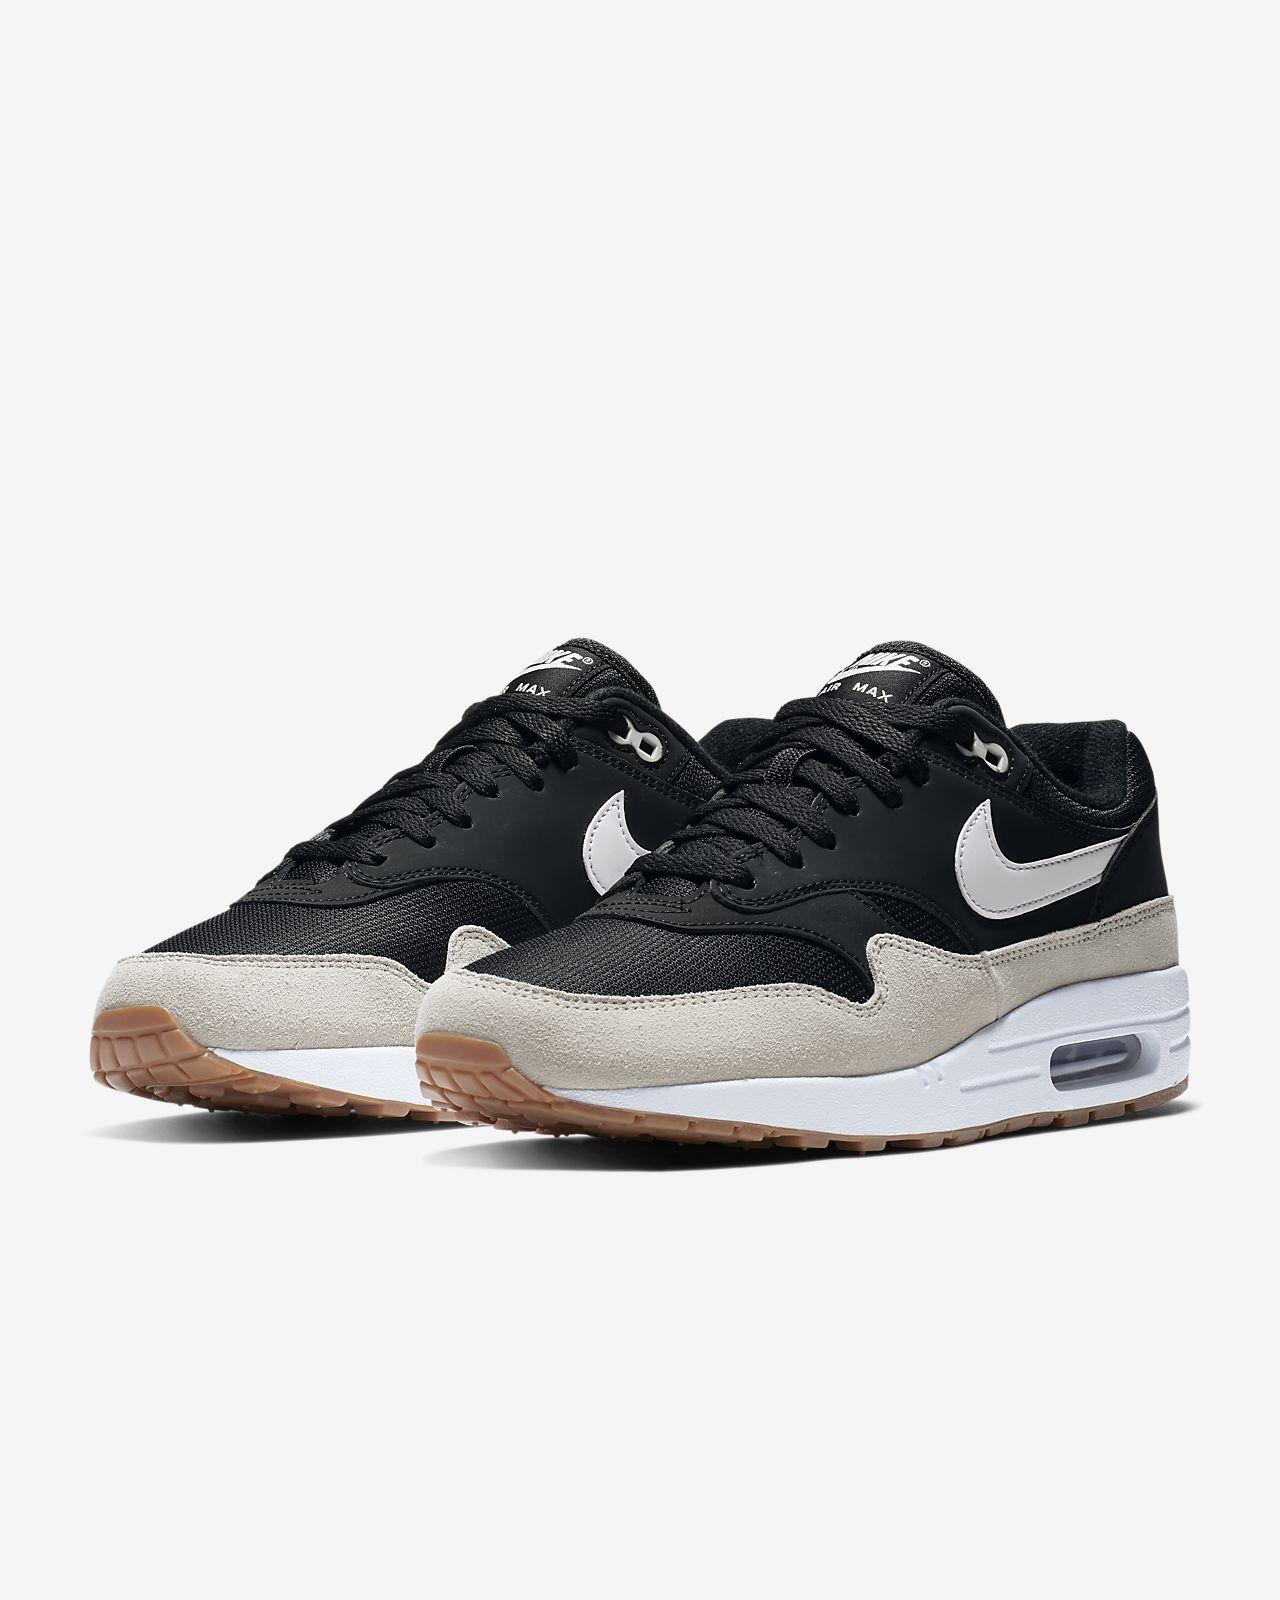 ffda124745c5d4 Nike Air Max 1 Men s Shoe. Nike.com NL